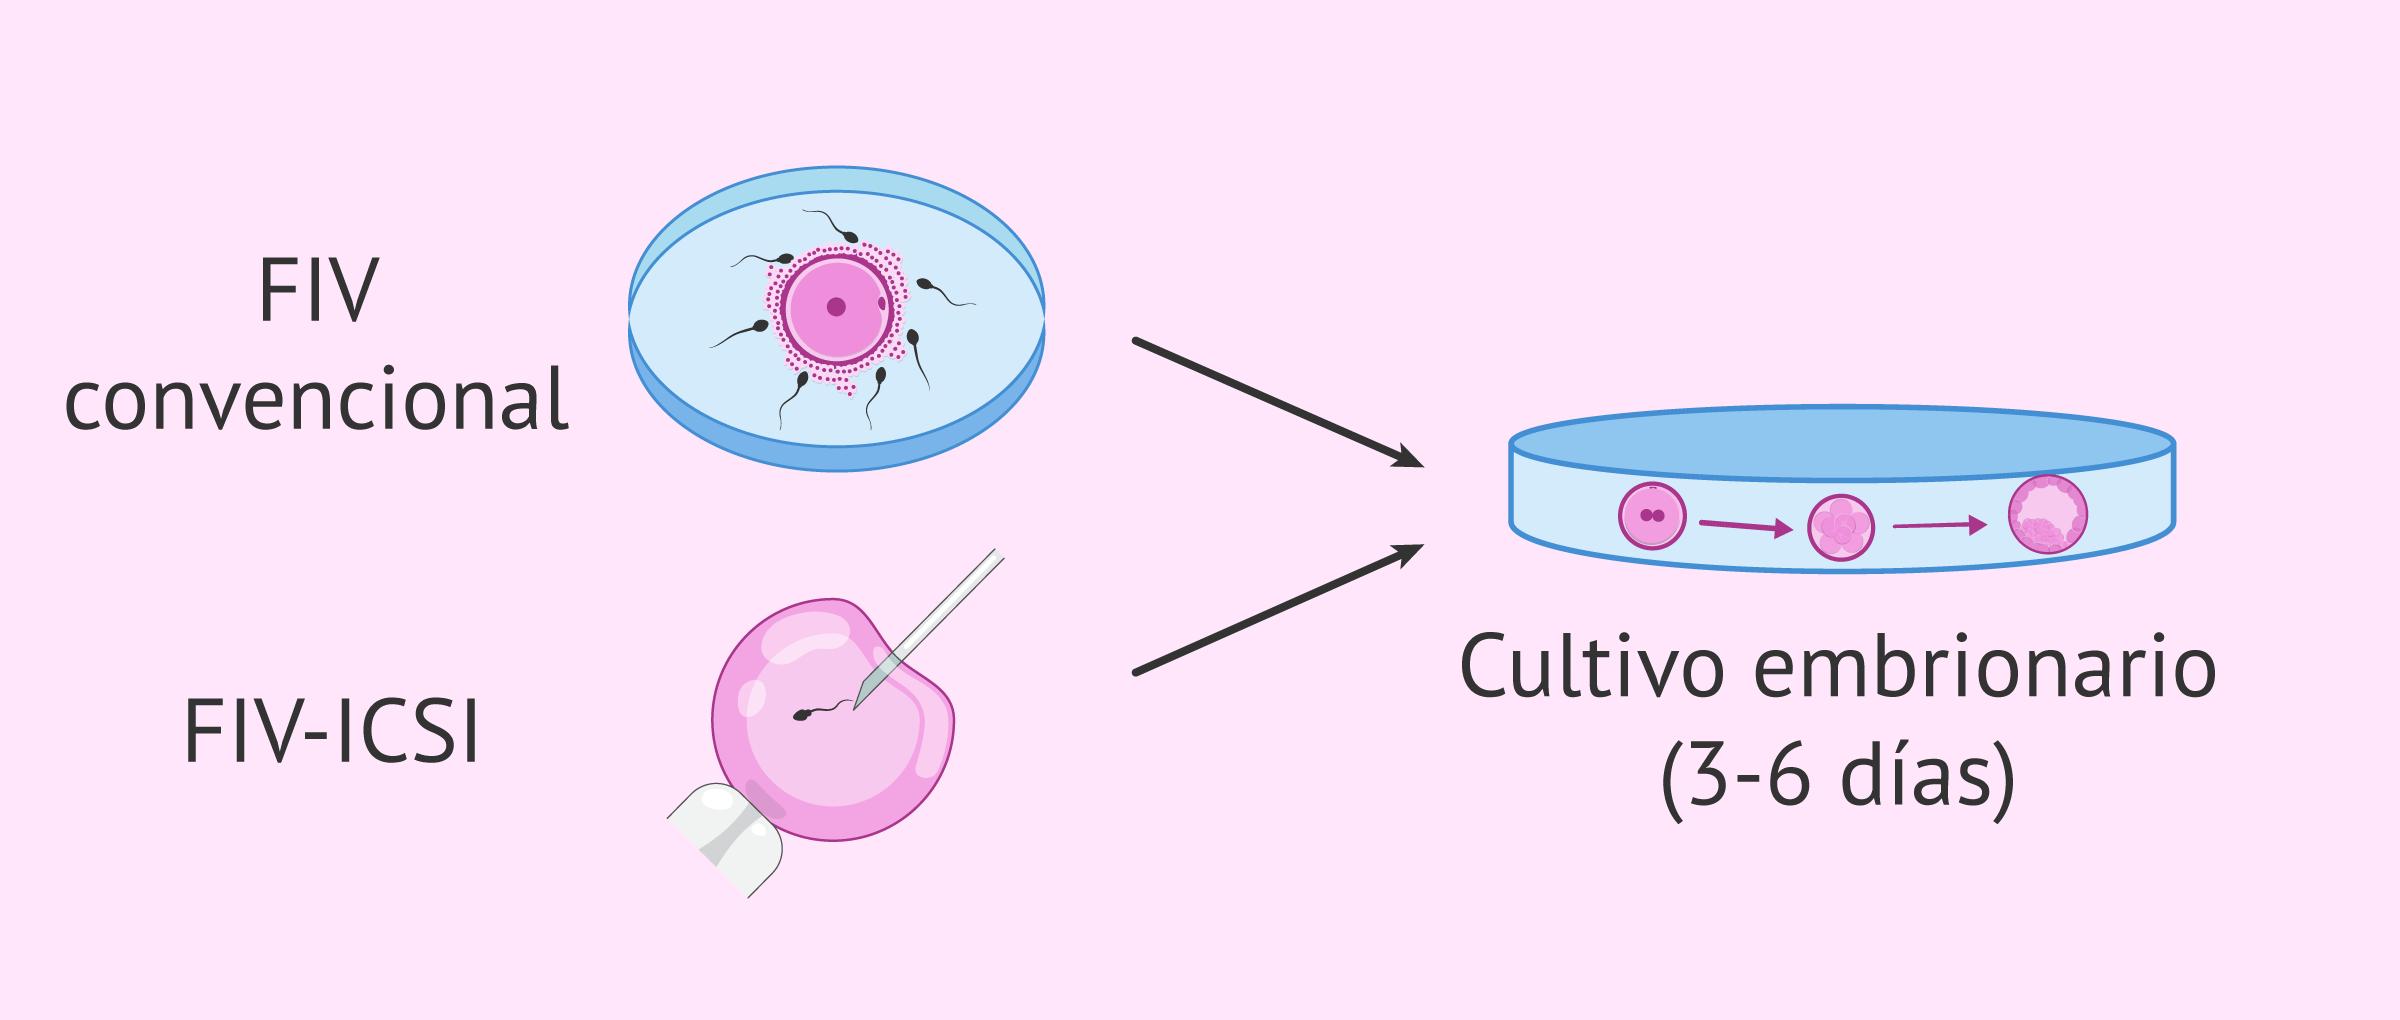 Tipos de fecundación y cultivo embrionario